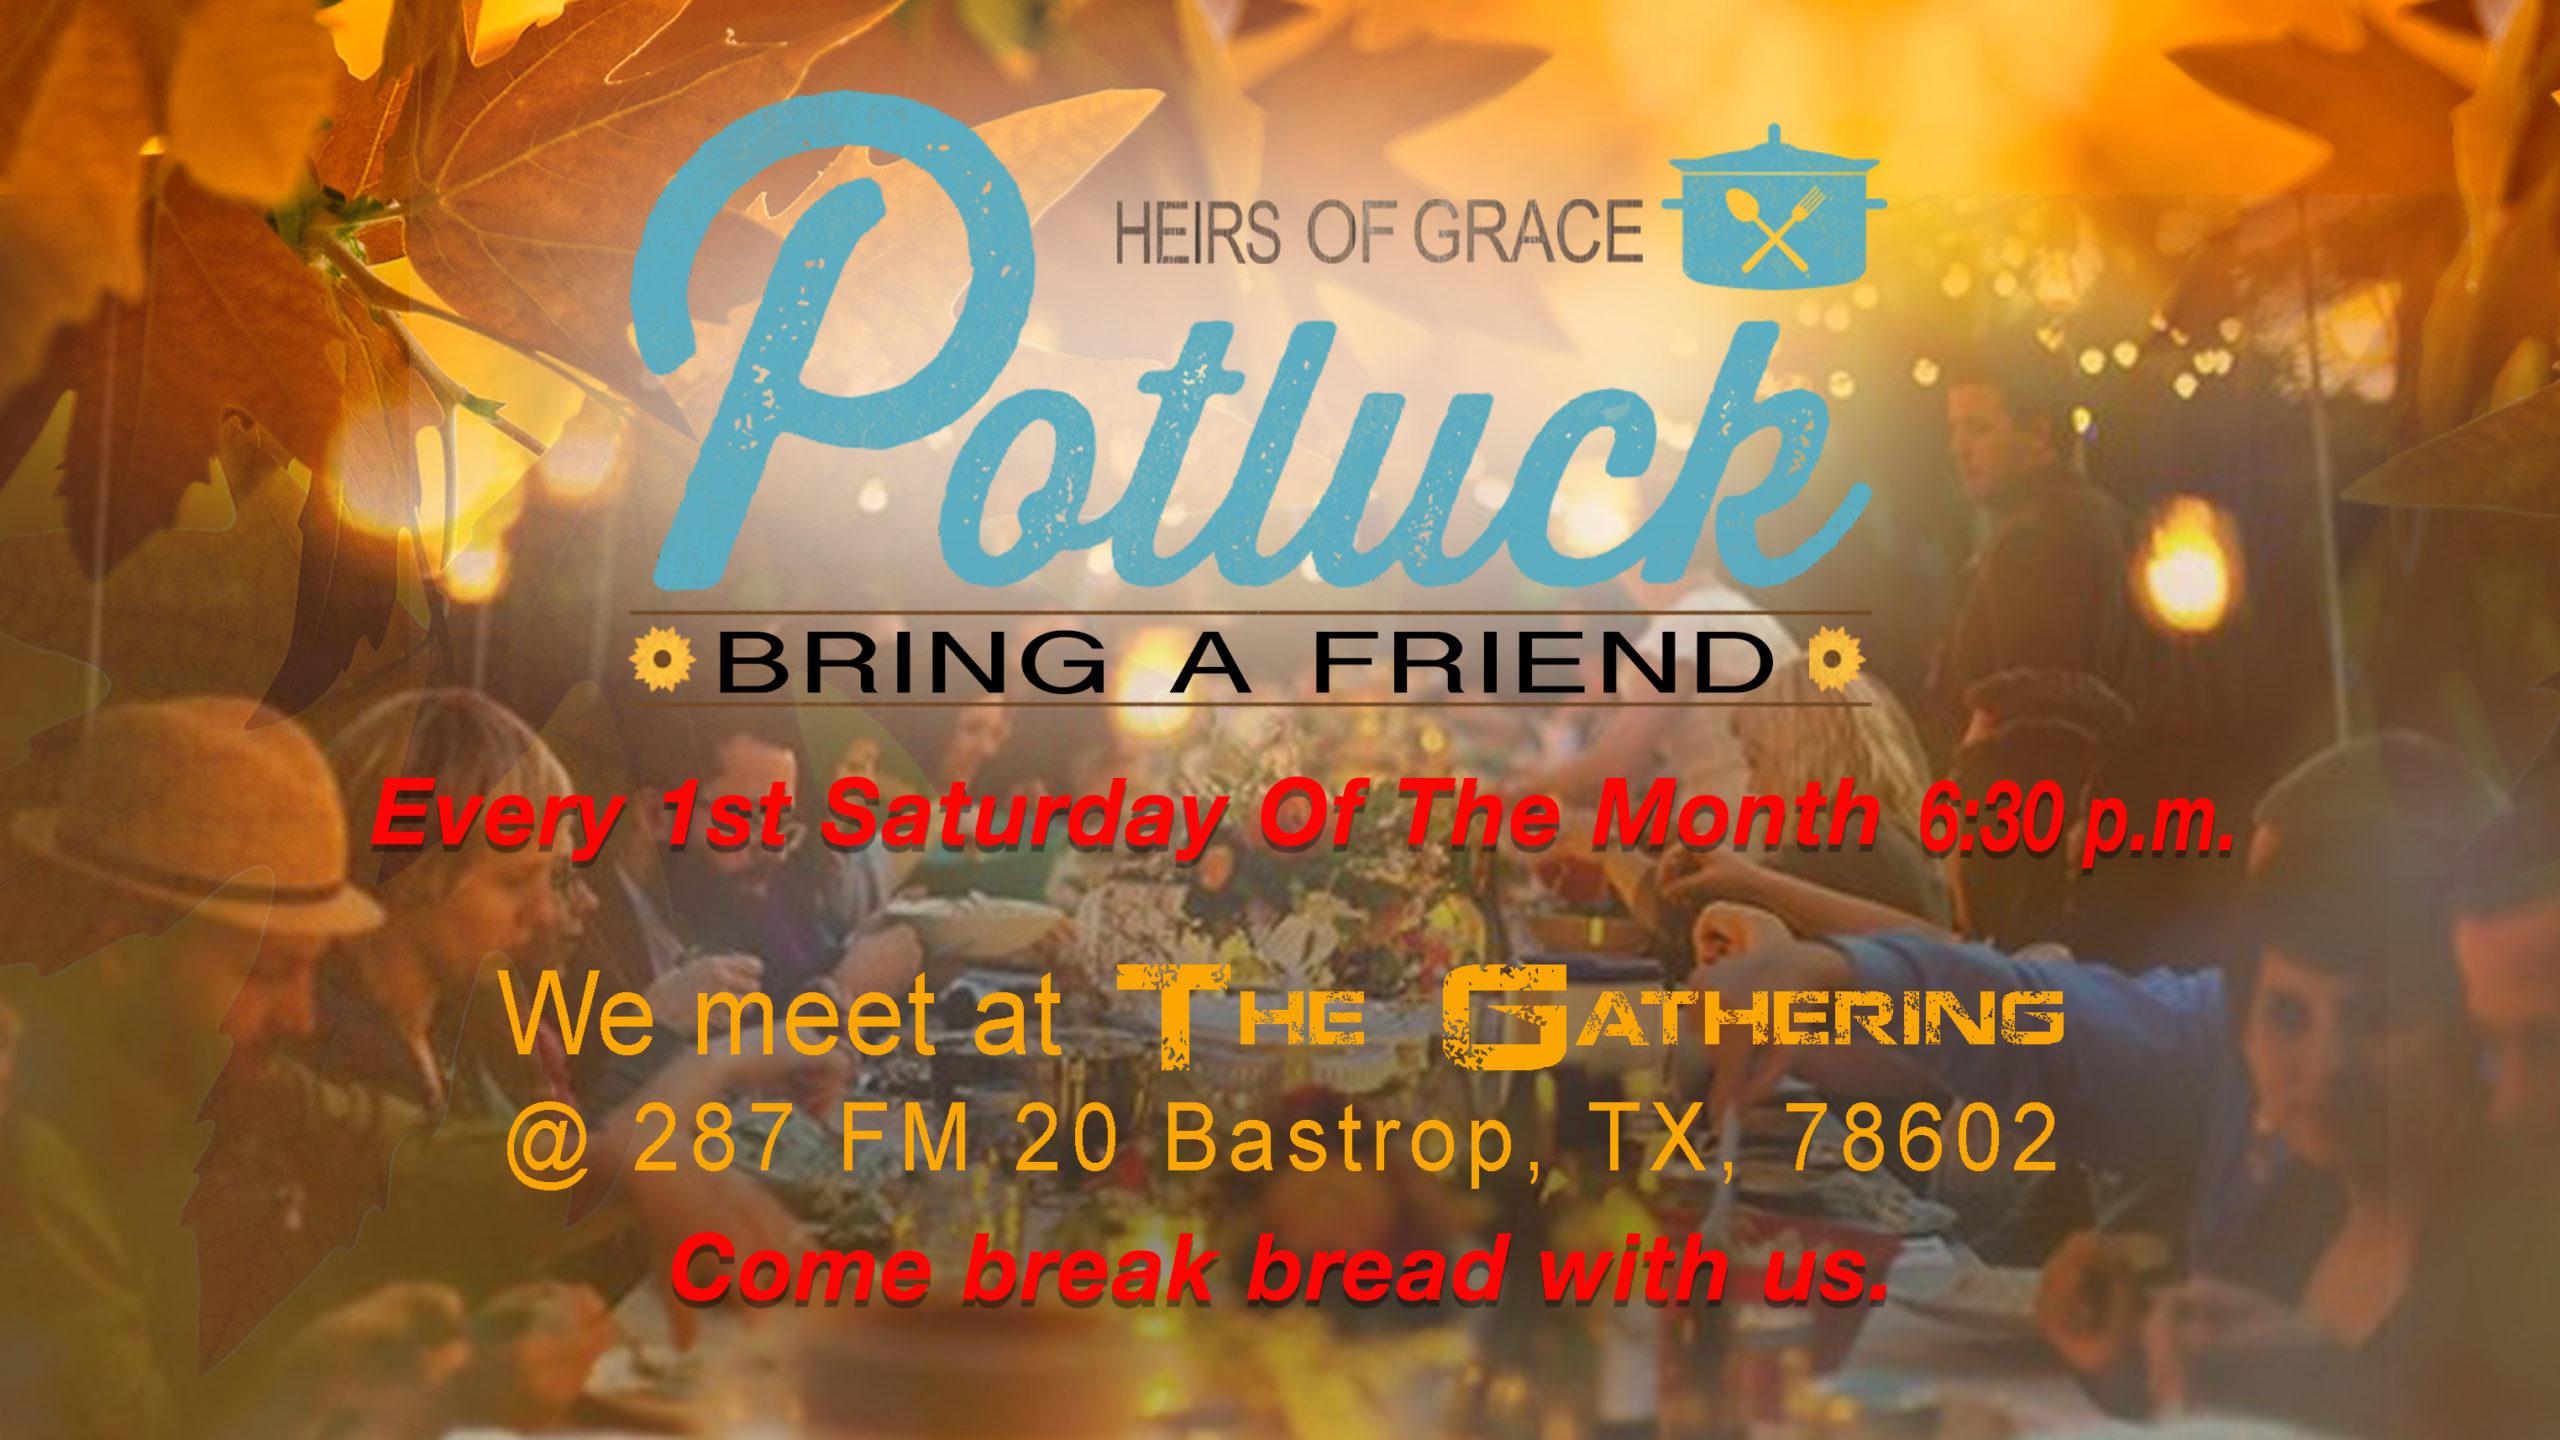 Come break bread with us!